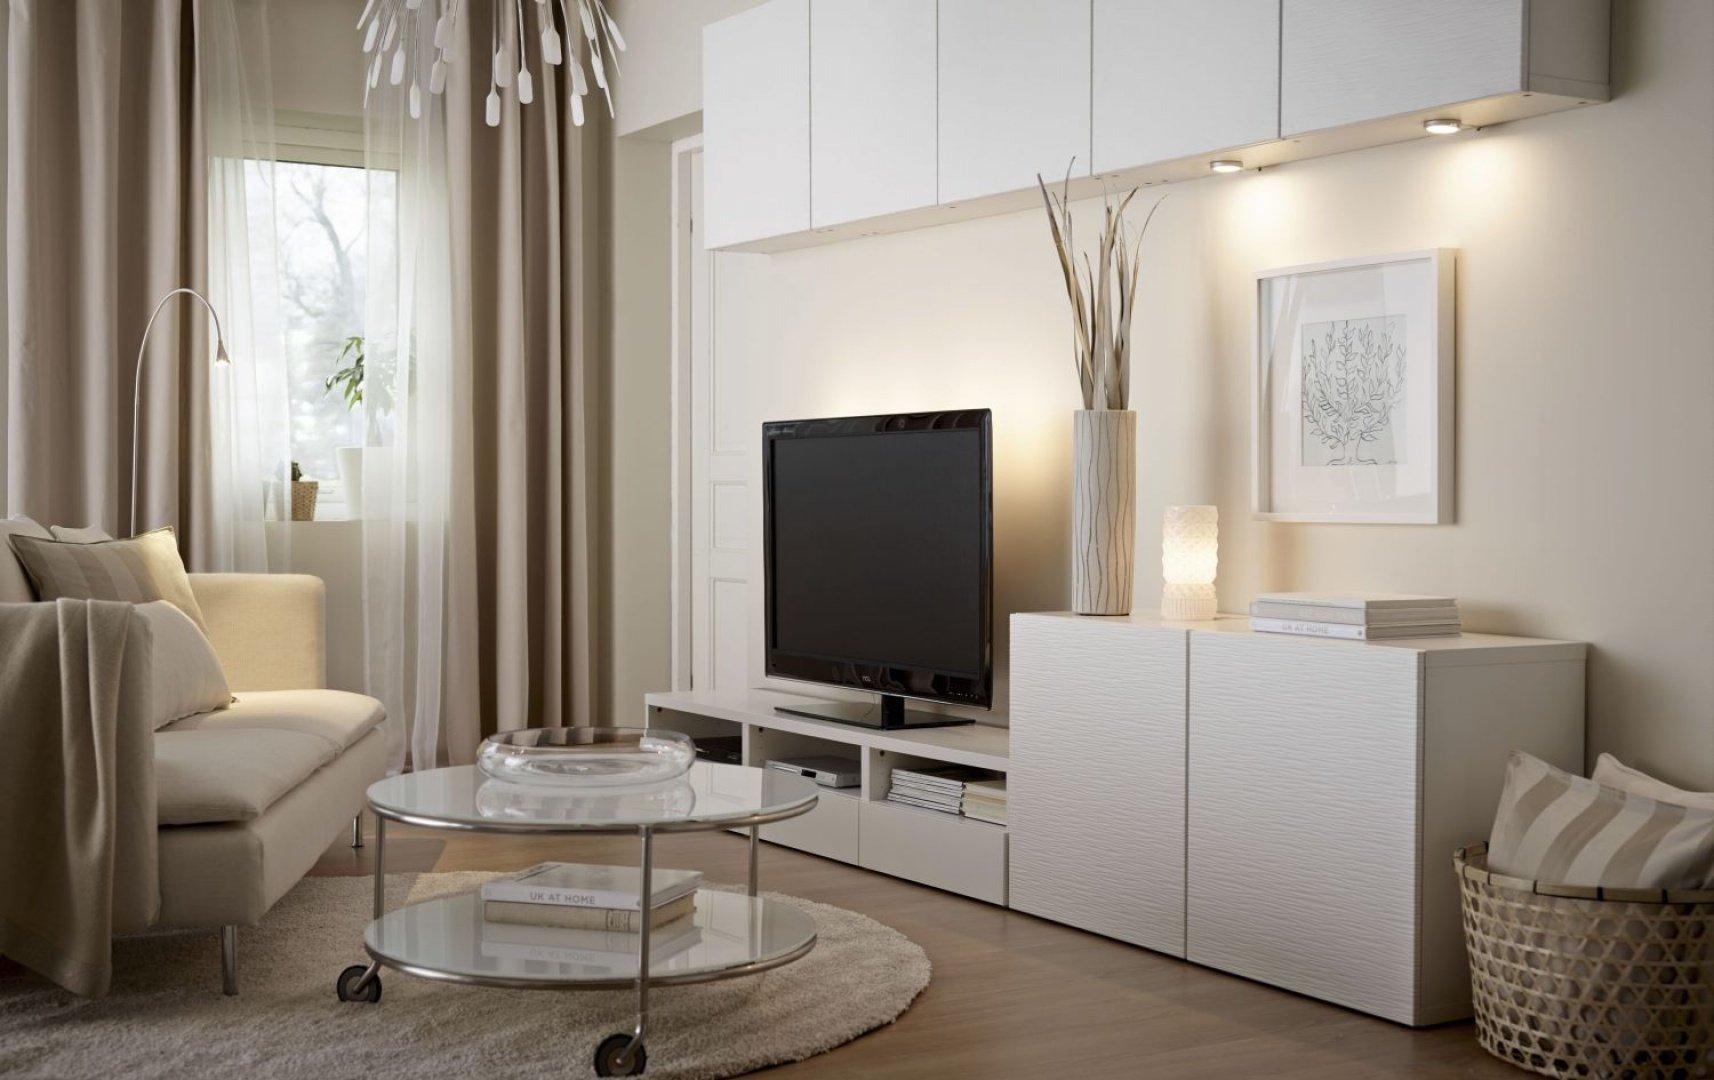 Мебель белого цвета в интерьере гостиных и залов